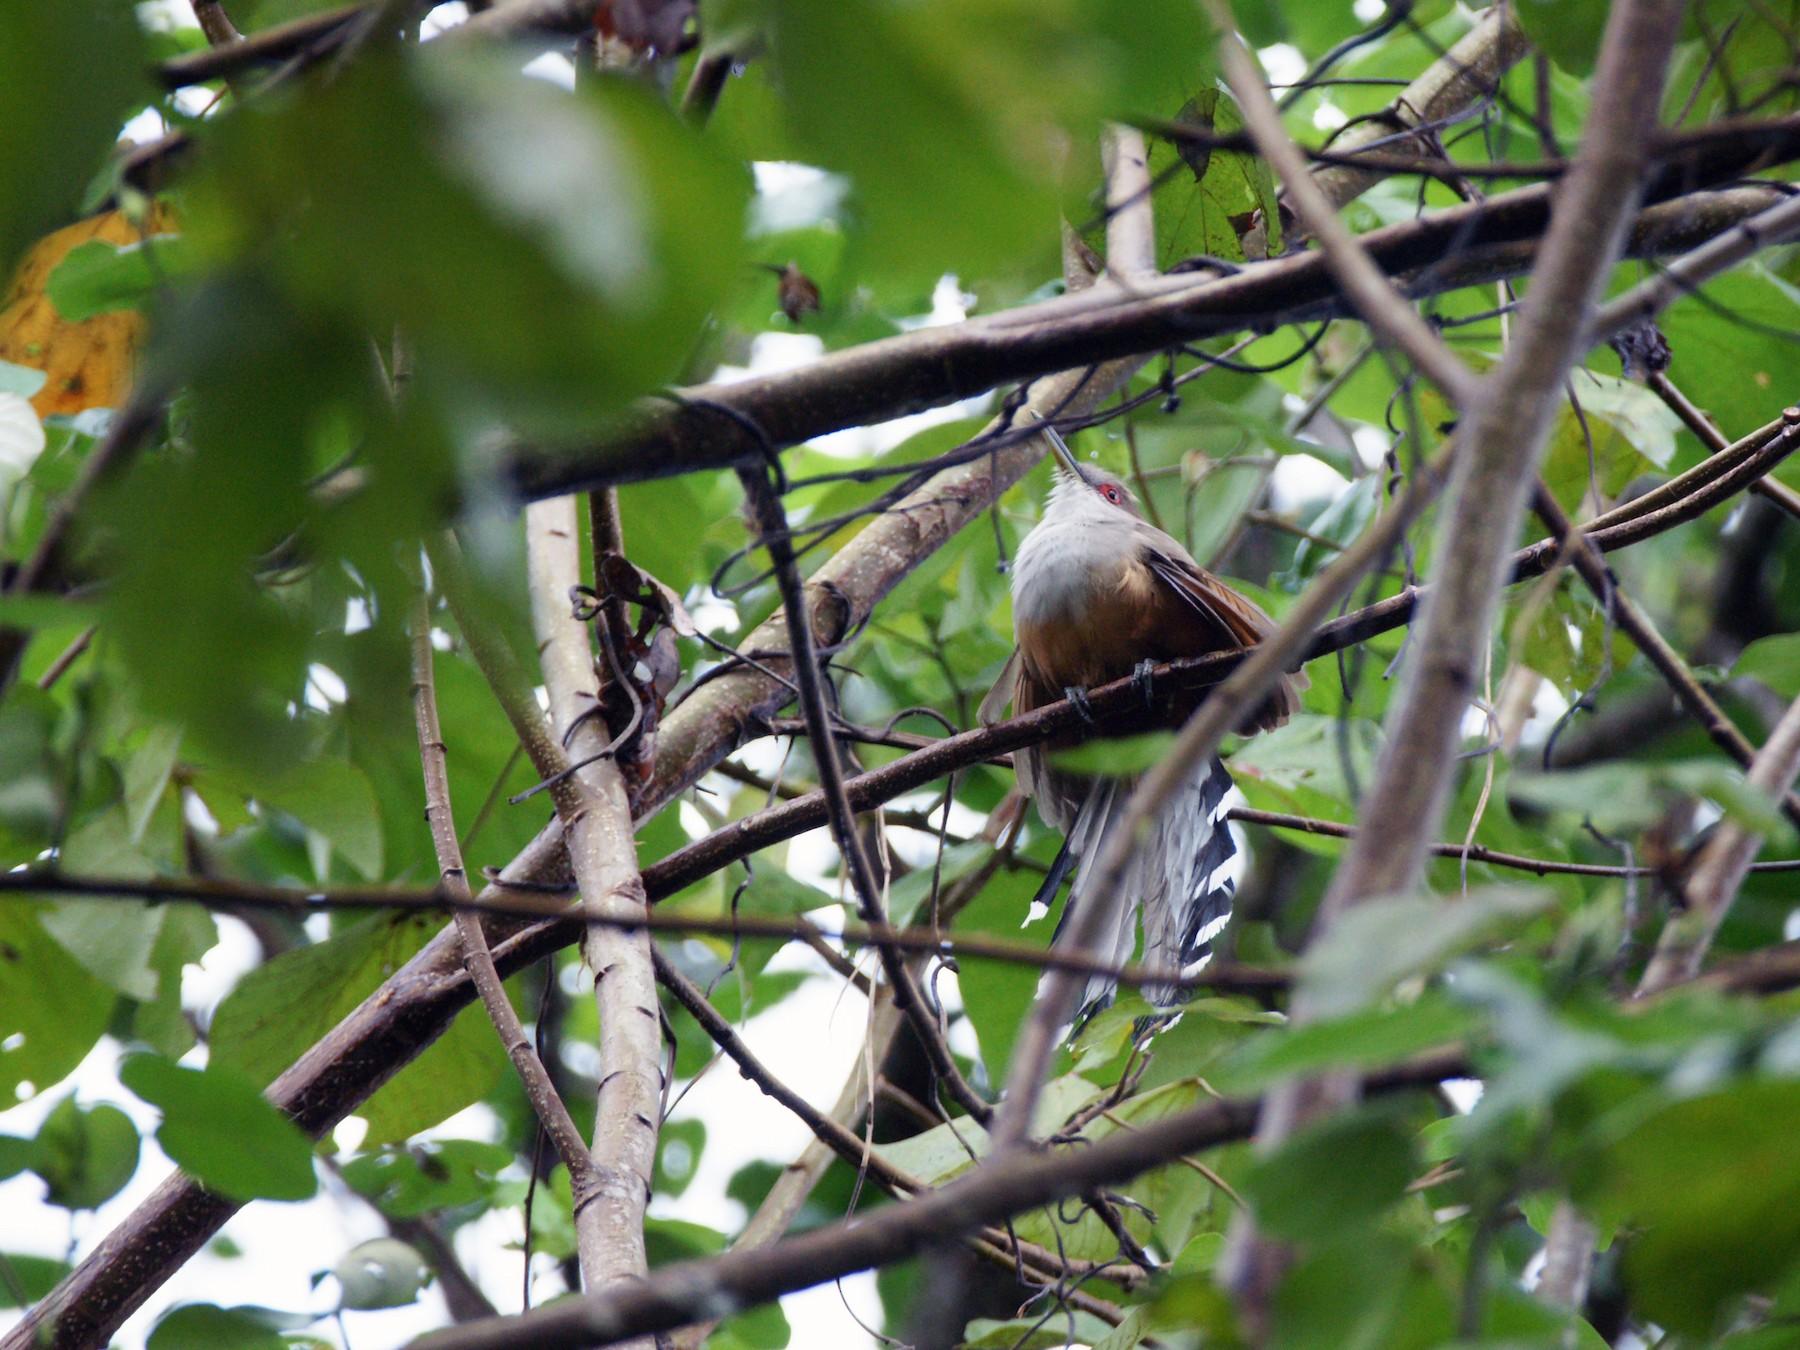 Puerto Rican Lizard-Cuckoo - Nancy Cox